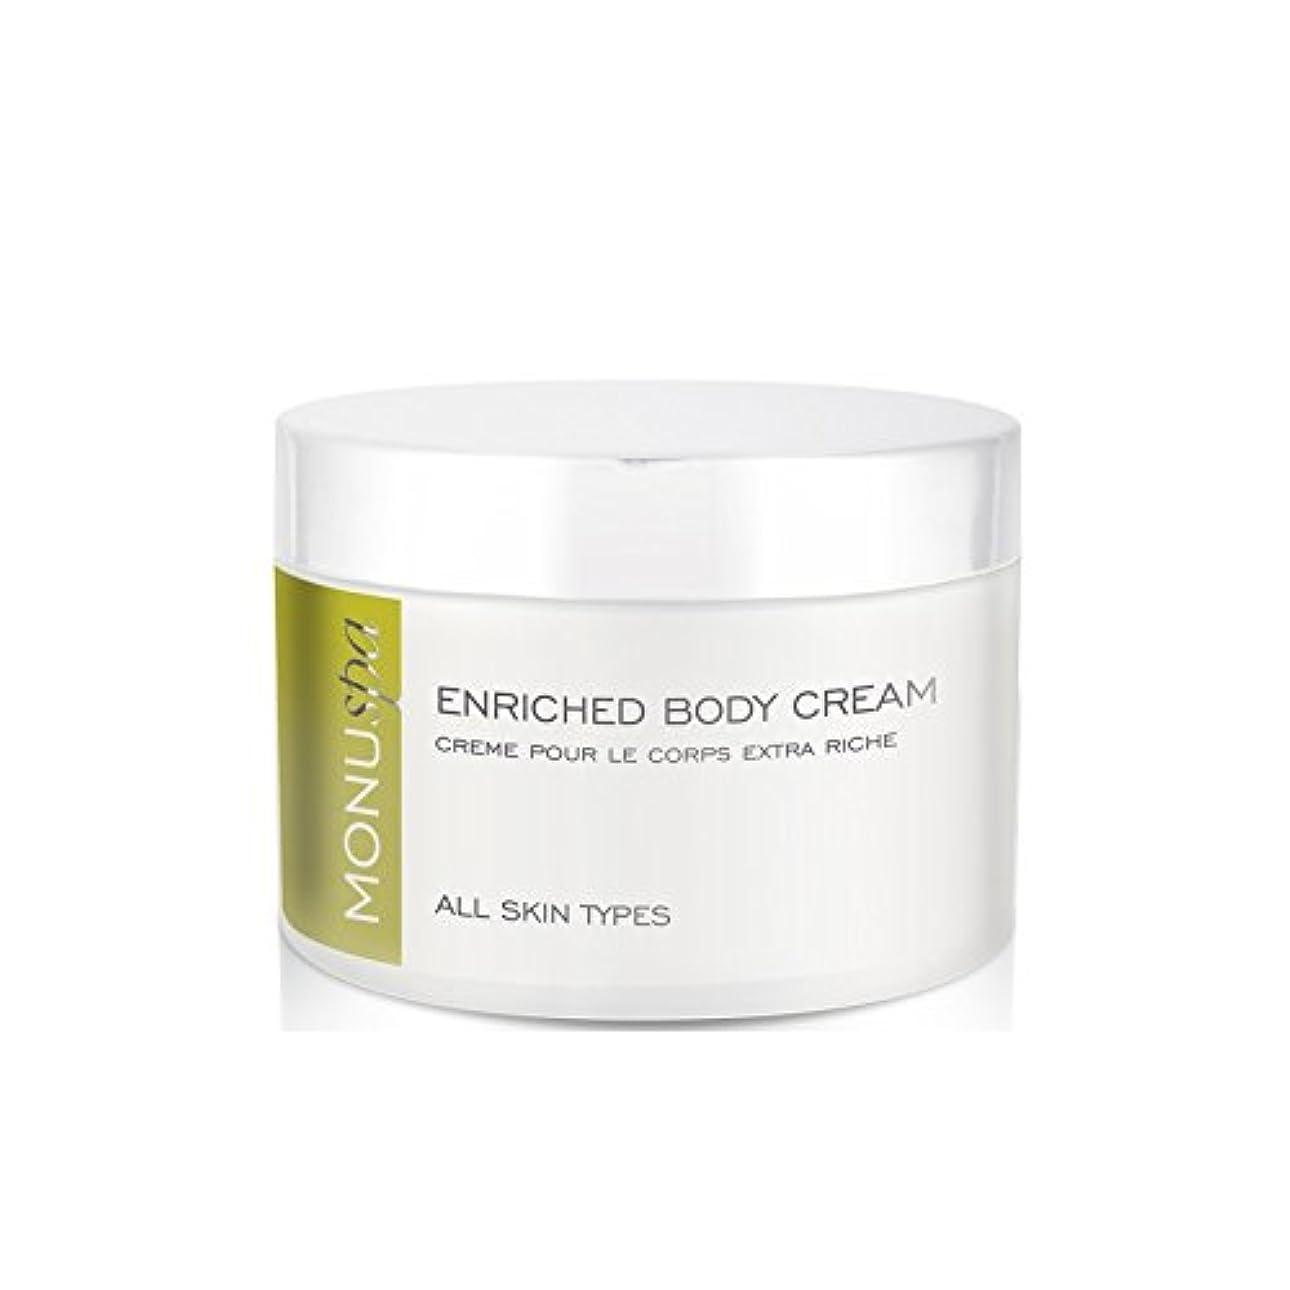 一握り引用なめらかなMONUspa Enriched Body Cream 200ml - 濃縮ボディクリーム200ミリリットル [並行輸入品]